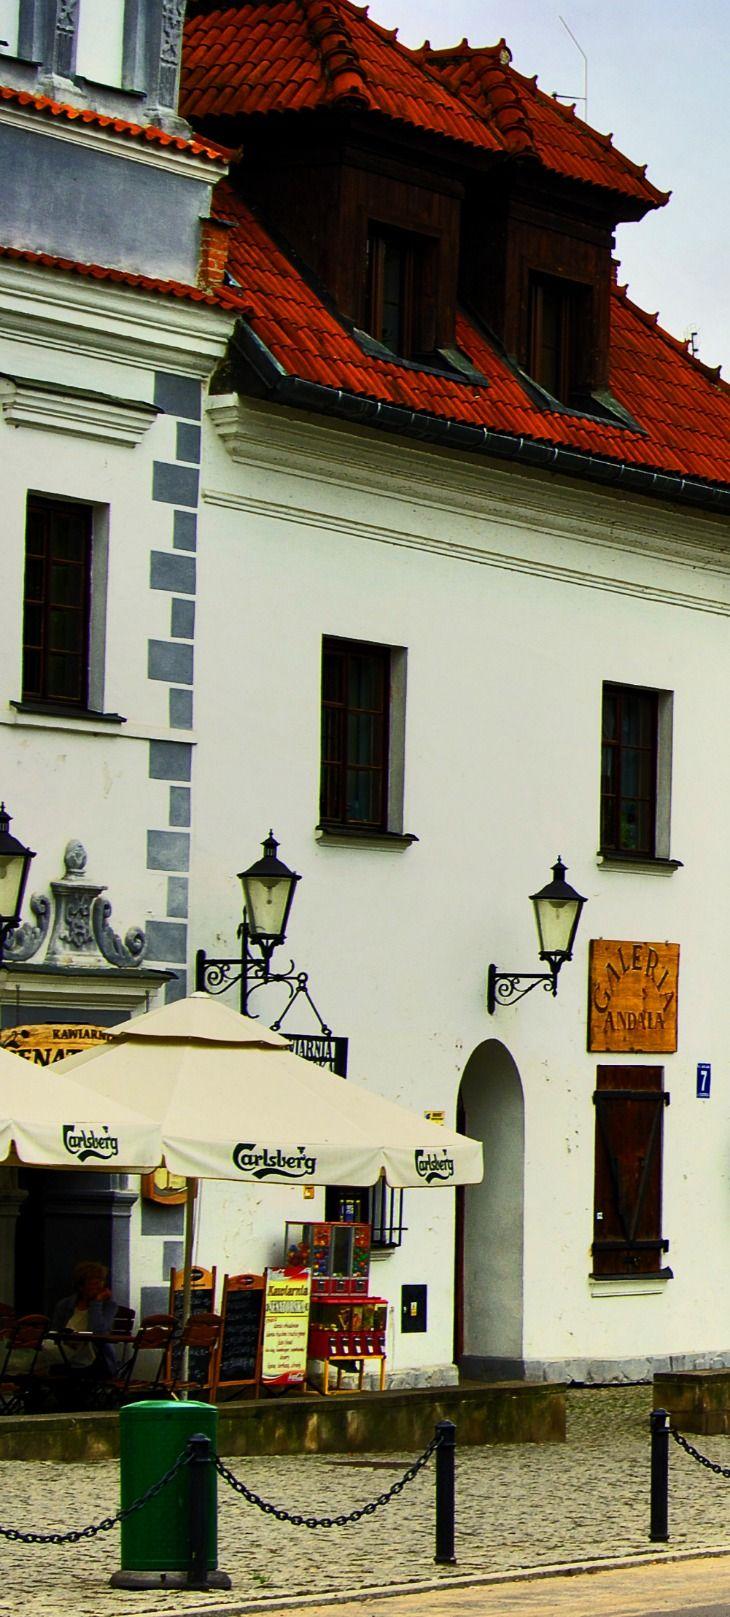 White Buildings in Kazimierz Dolny, Lublin, Poland